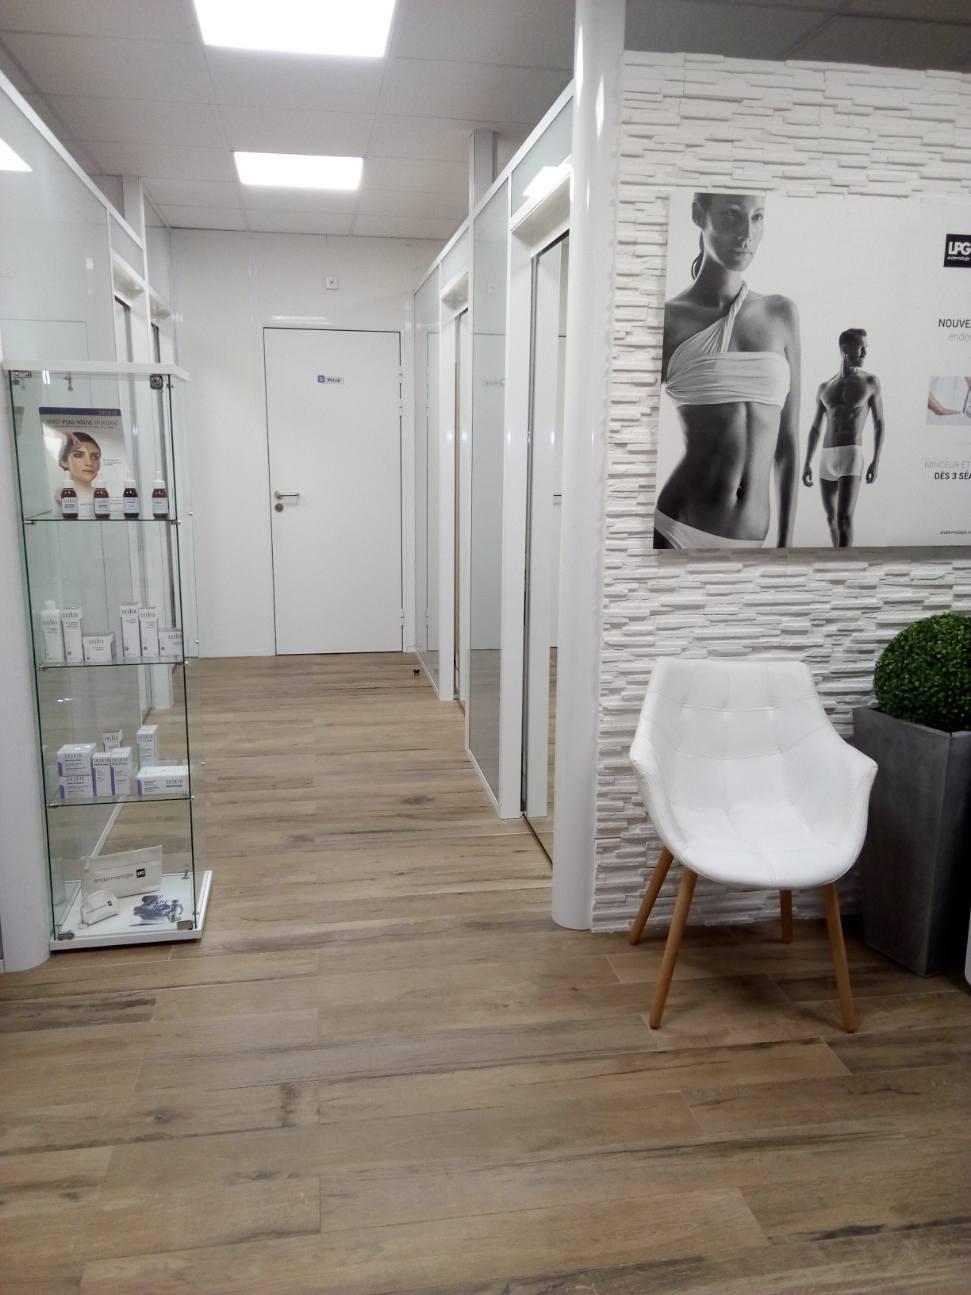 INSTITUT DE BEAUTE DE 65M2 AU CŒUR D'UN CENTRE COMMERCIAL DE CAGNES SUR MER - Salon de Coiffure Esthétique Parfumerie